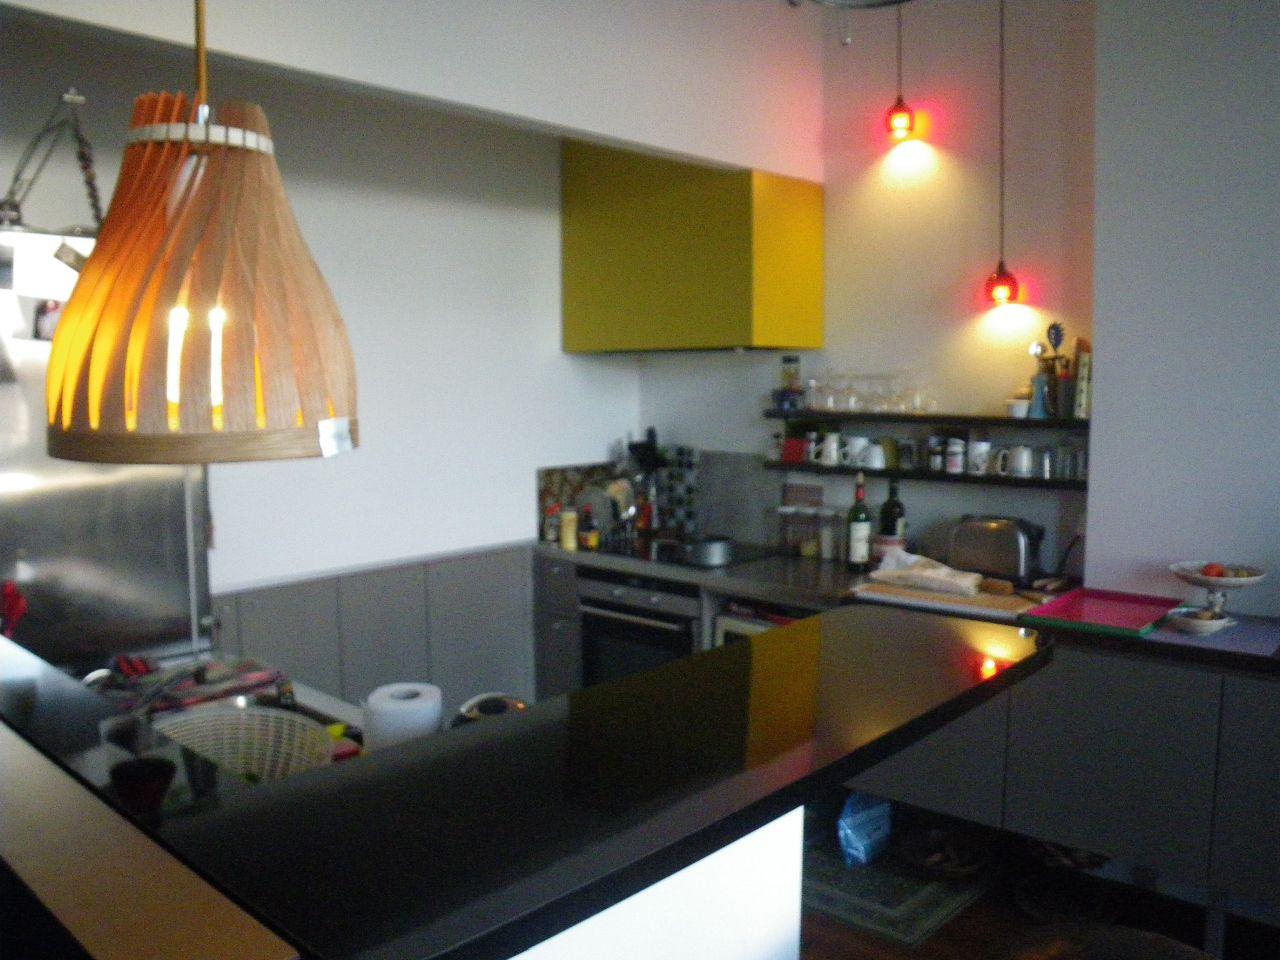 Suspension Plan De Travail Cuisine Volupte S Decoration Maison Luminaires Decoratifs Luminaire